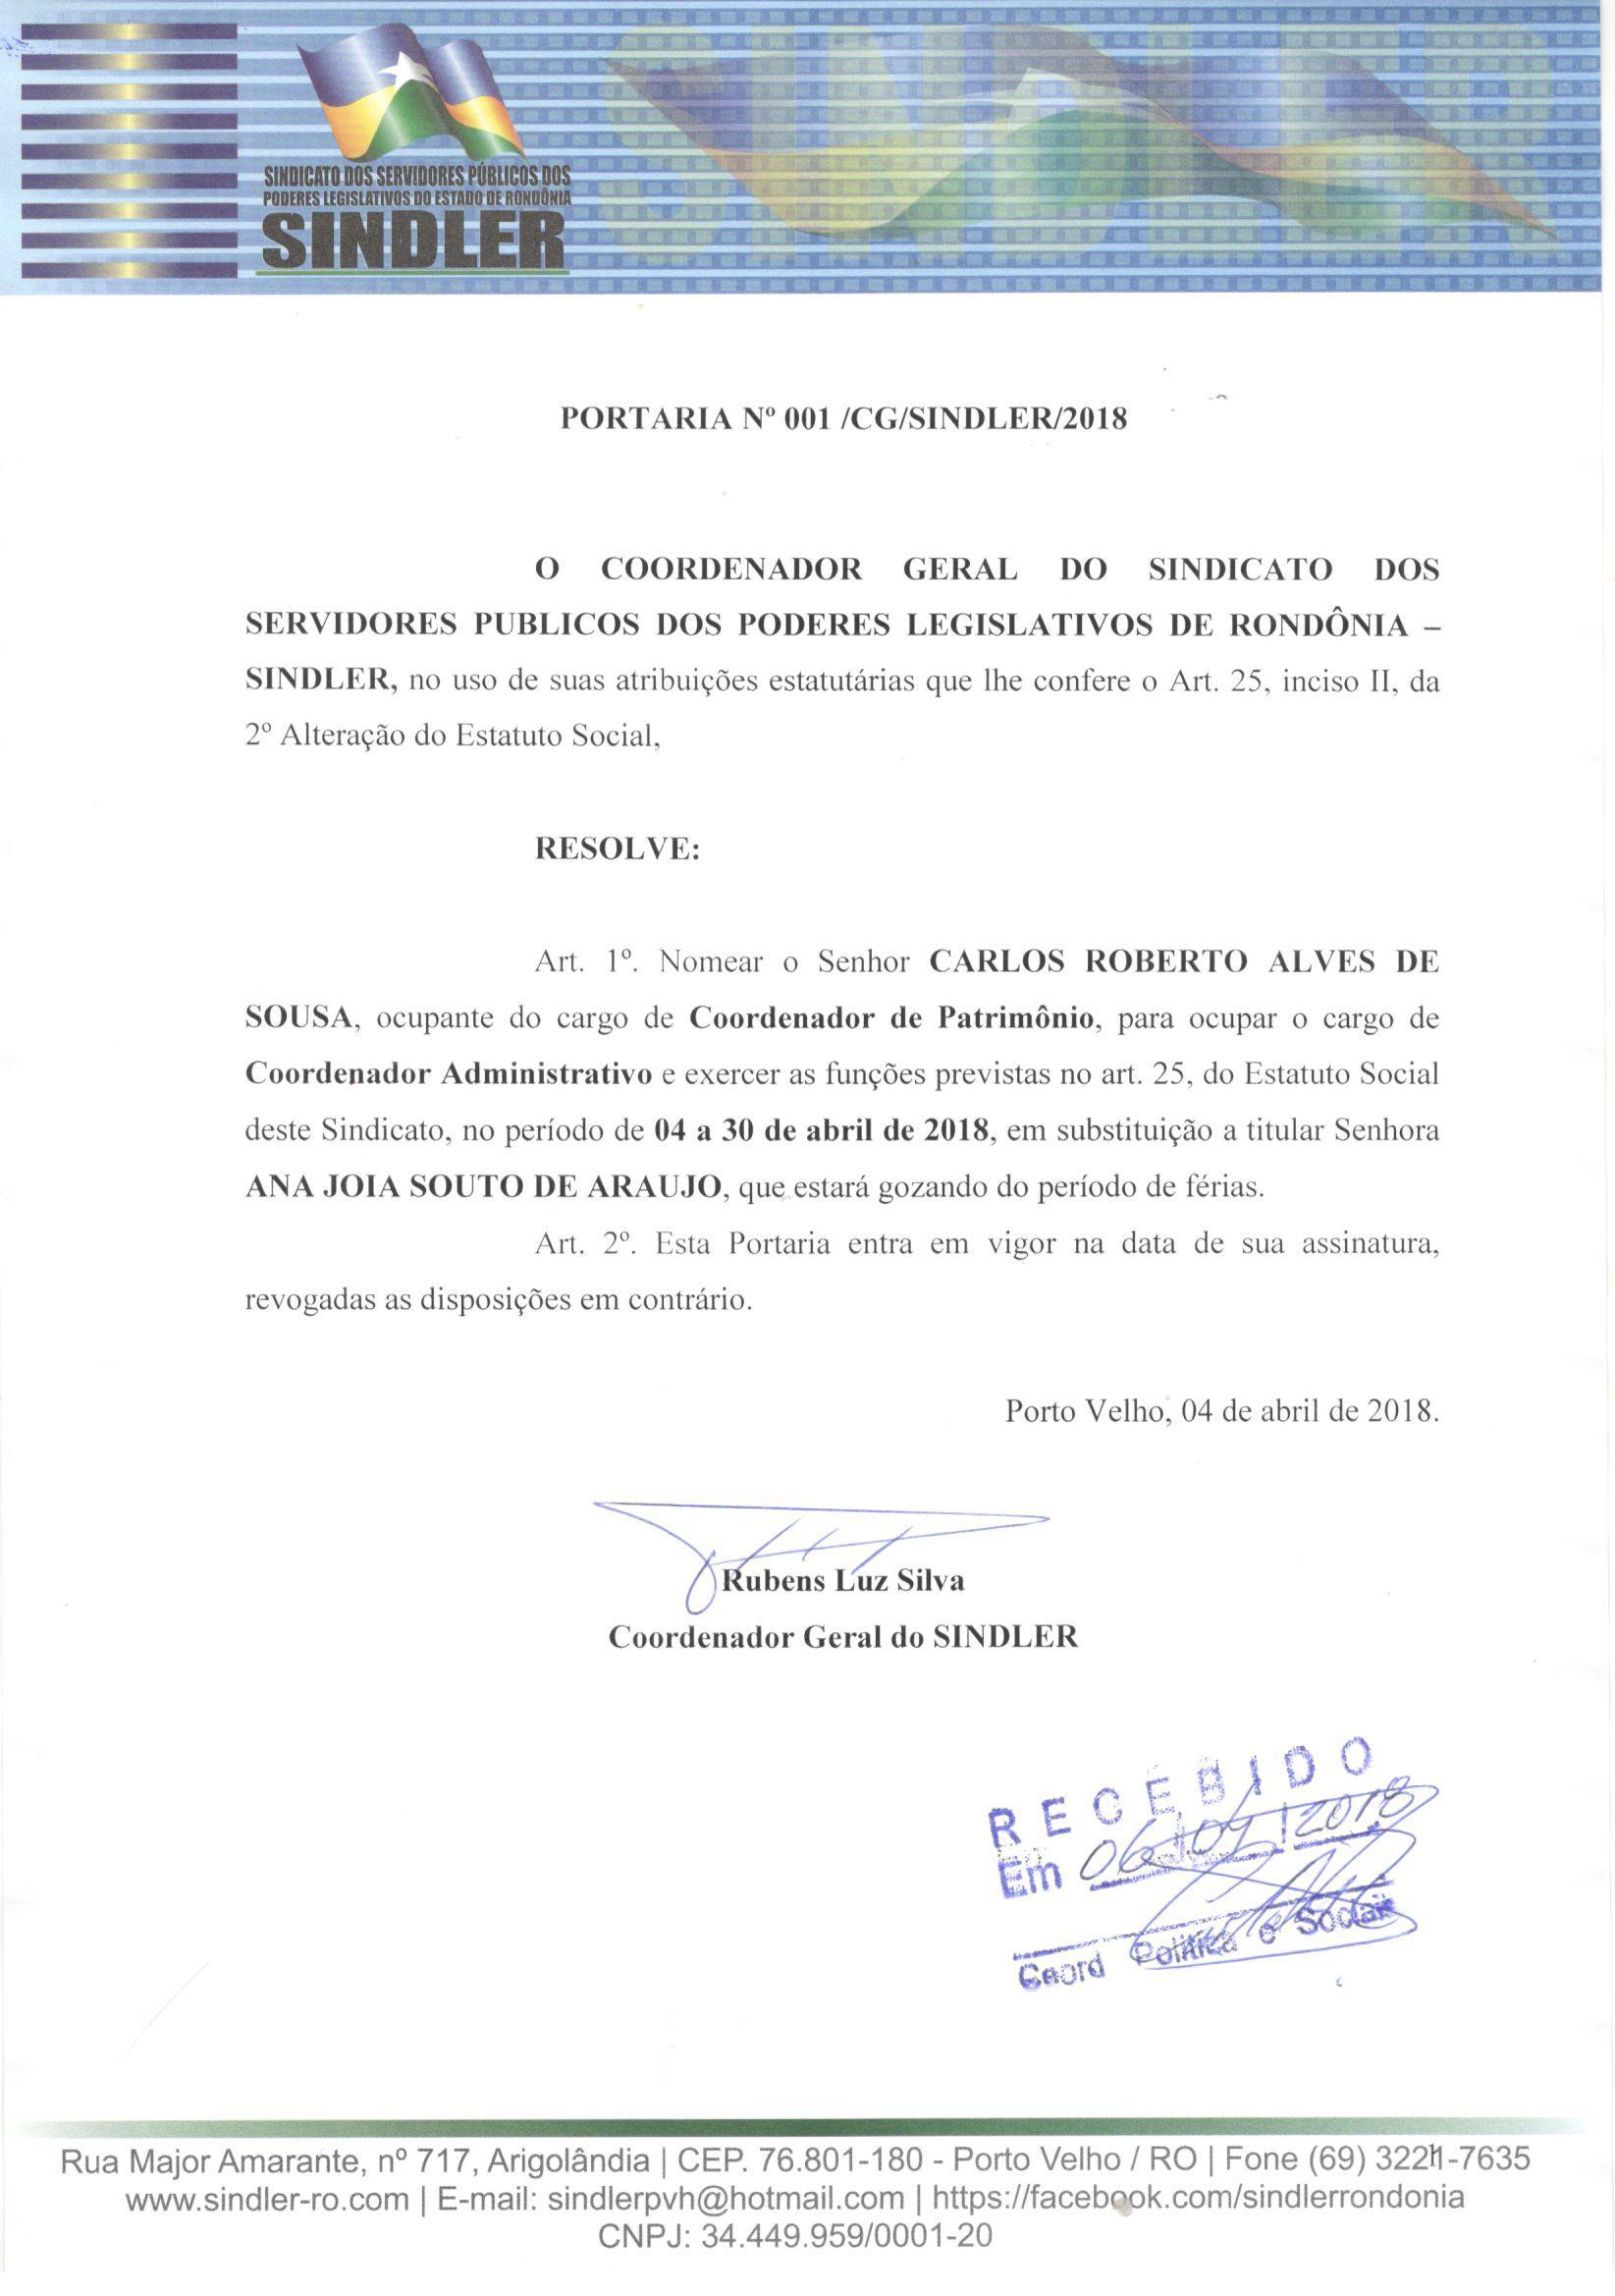 PORTARIA N001 2018 COORDENAÇÃO ADM CARLOS ROBERTO EM SUBSTI